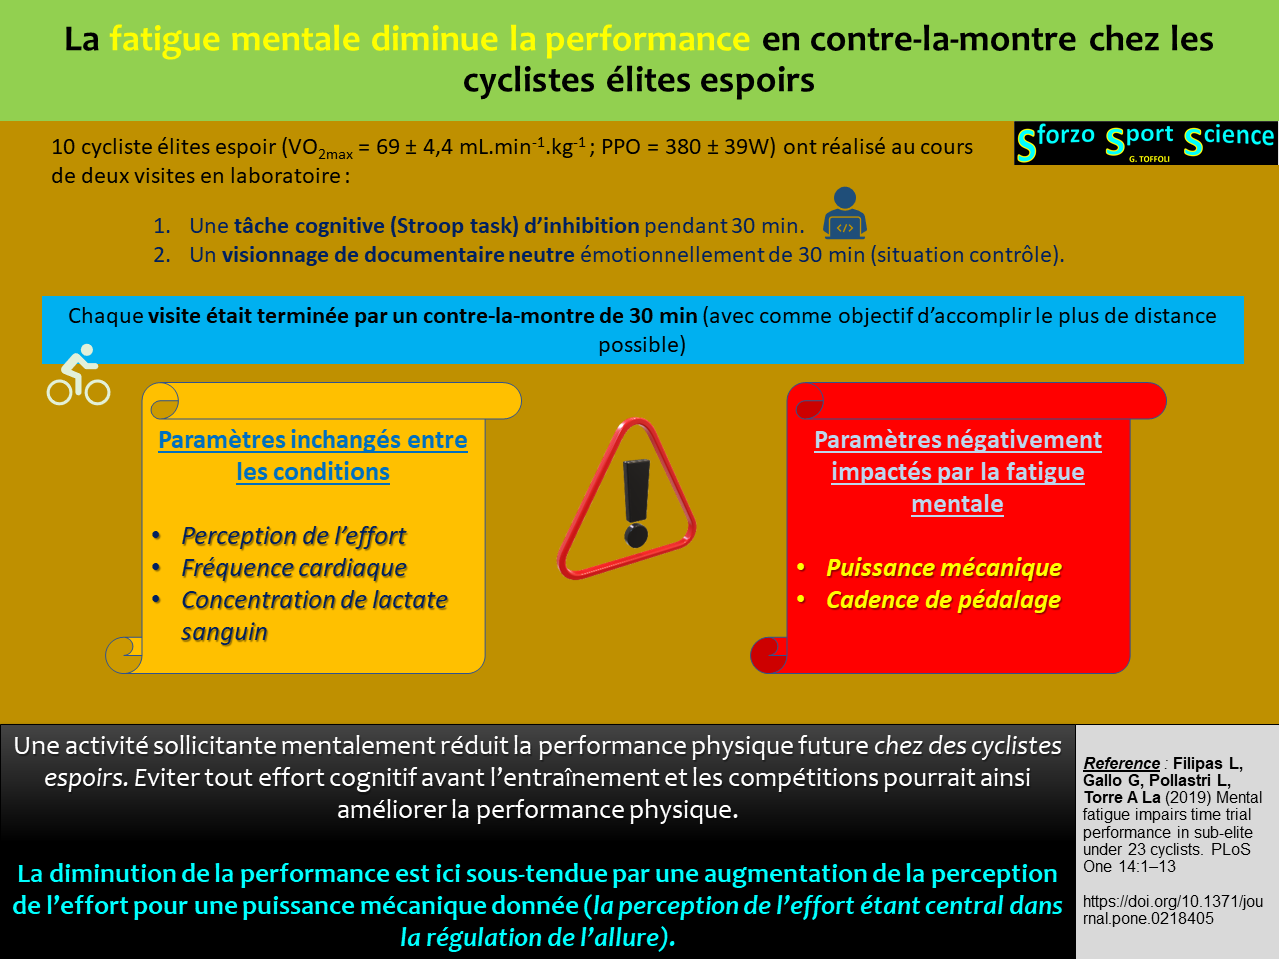 La fatigue mentale diminue la performance en contre-la-montre chez les cyclistes élites espoirs